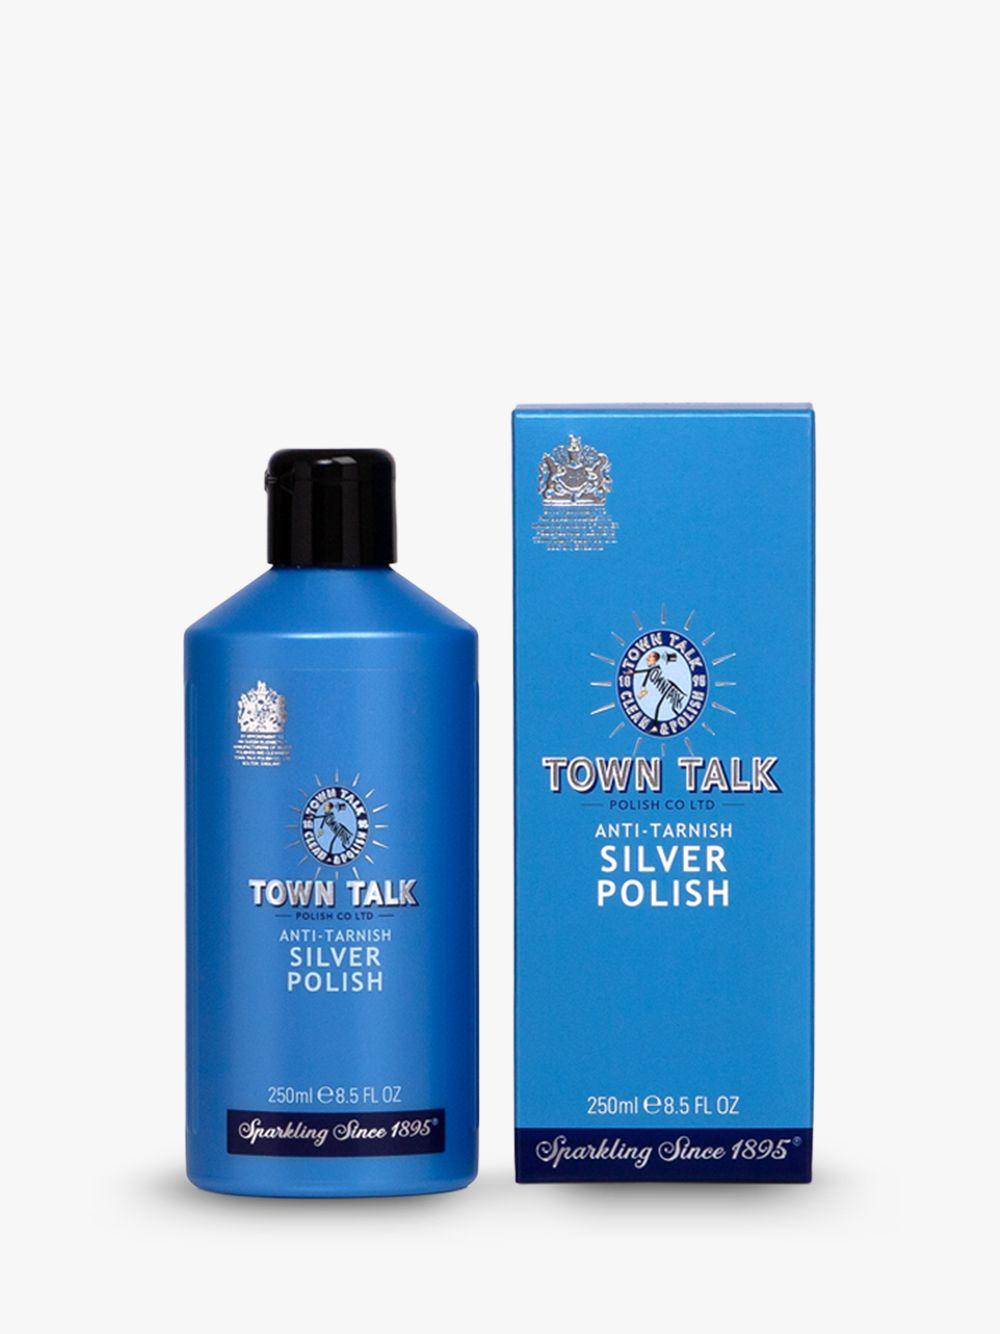 Town Talk Town Talk Amazing Anti-Tarnish Silver Polish, 250ml